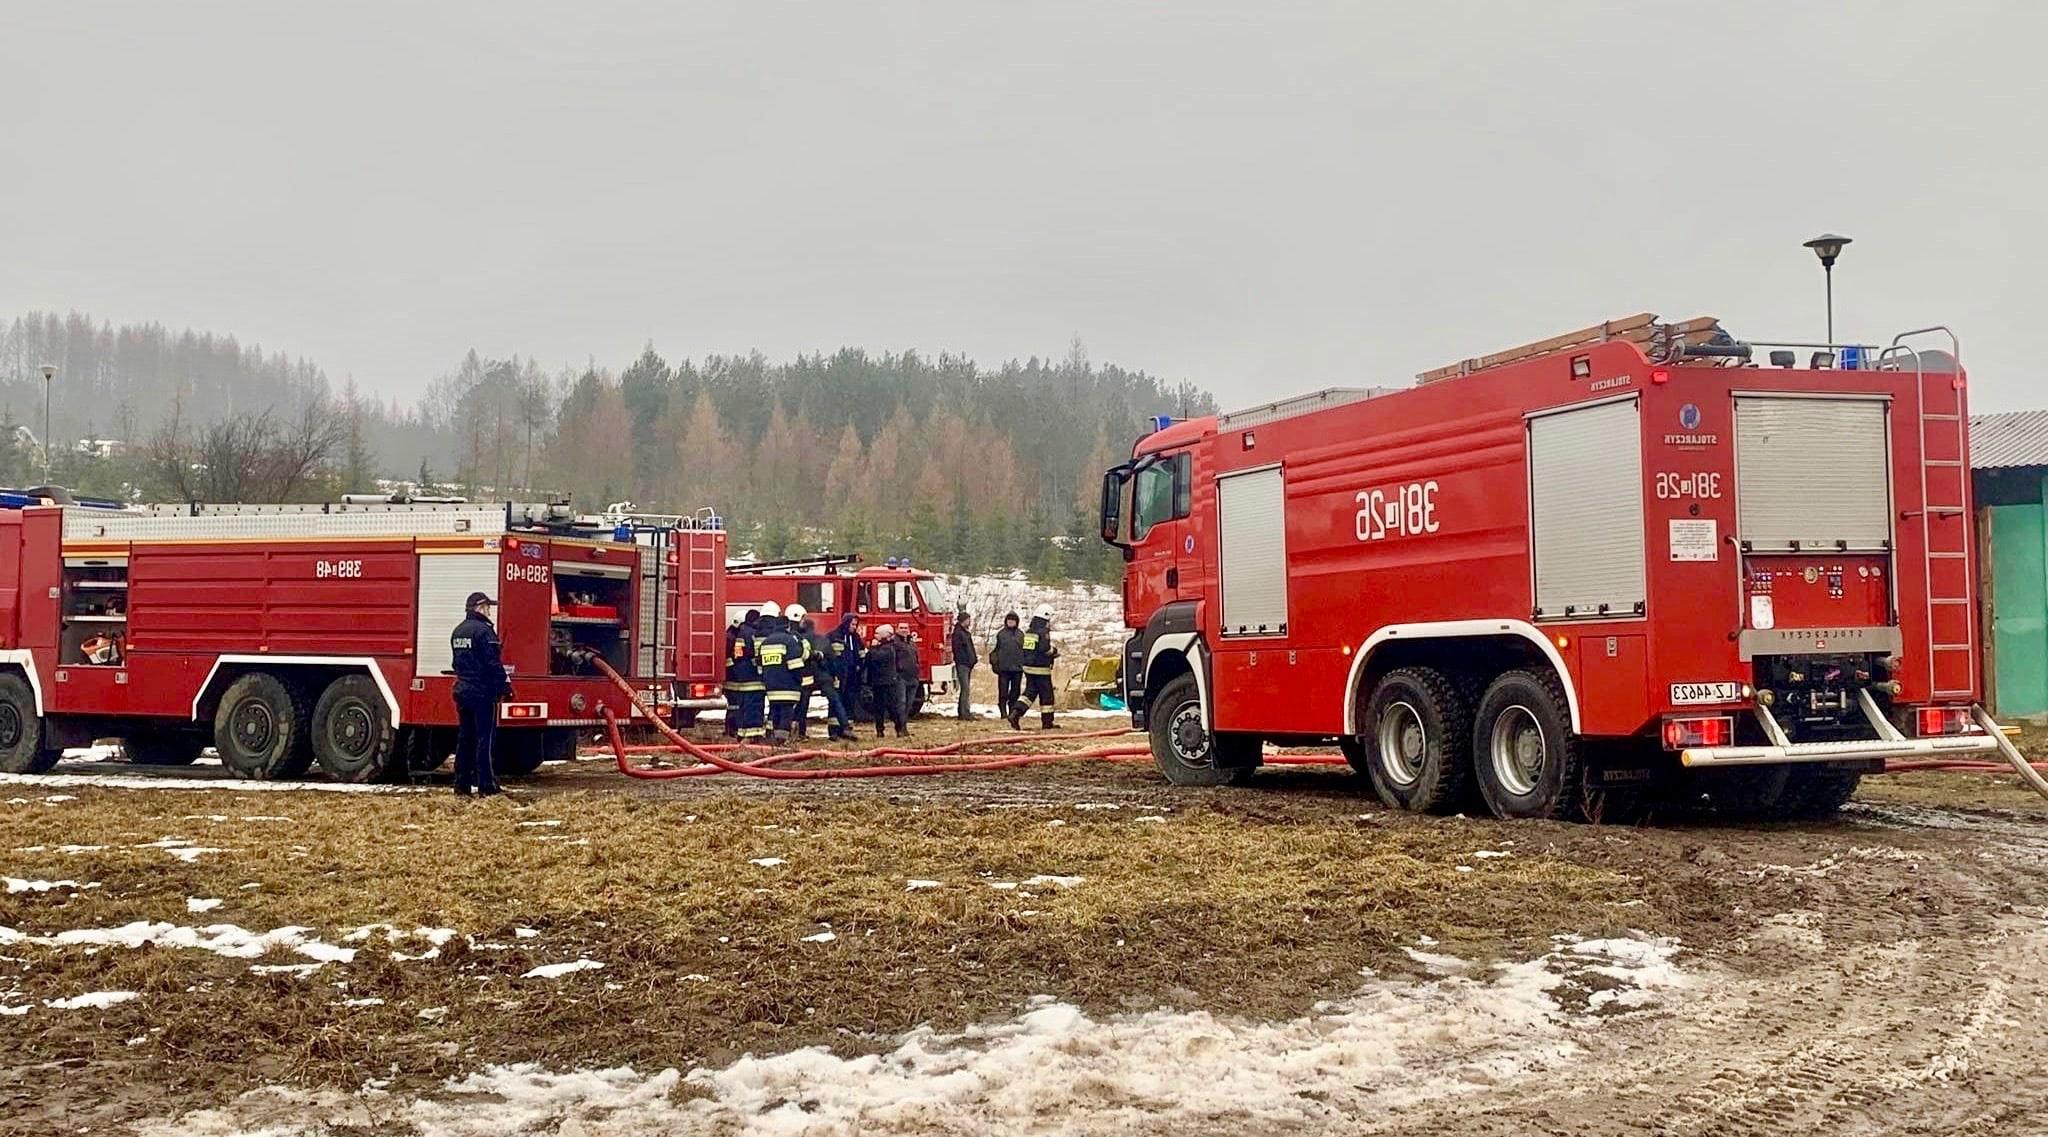 52651126 285134835500132 7942606952327020544 n 2 Wichura na Zamojszczyźnie - 10 interwencji strażaków